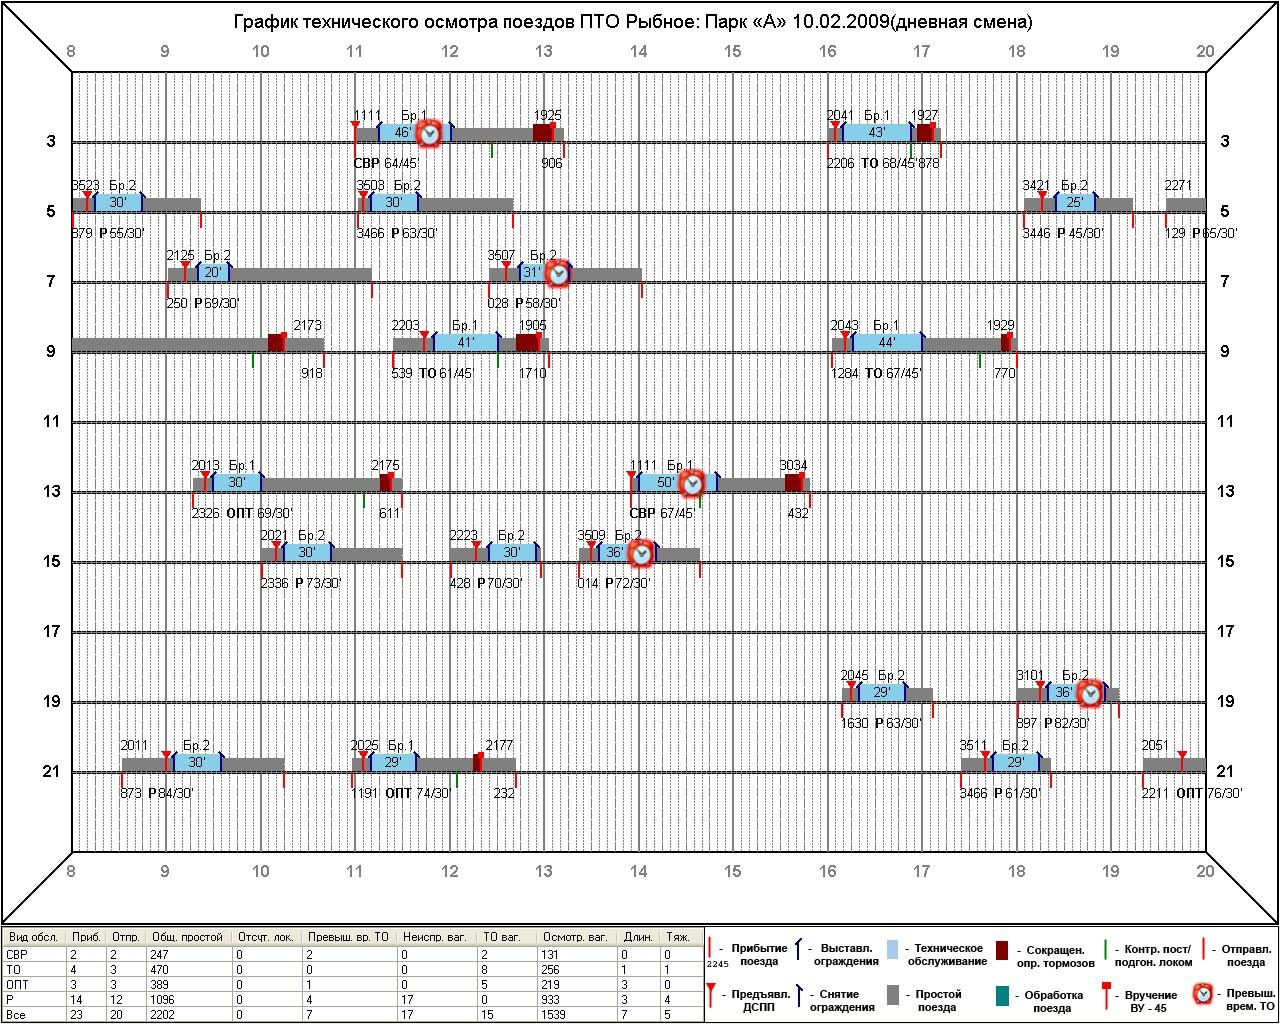 измерения температуры николаев москва поезд график десятка